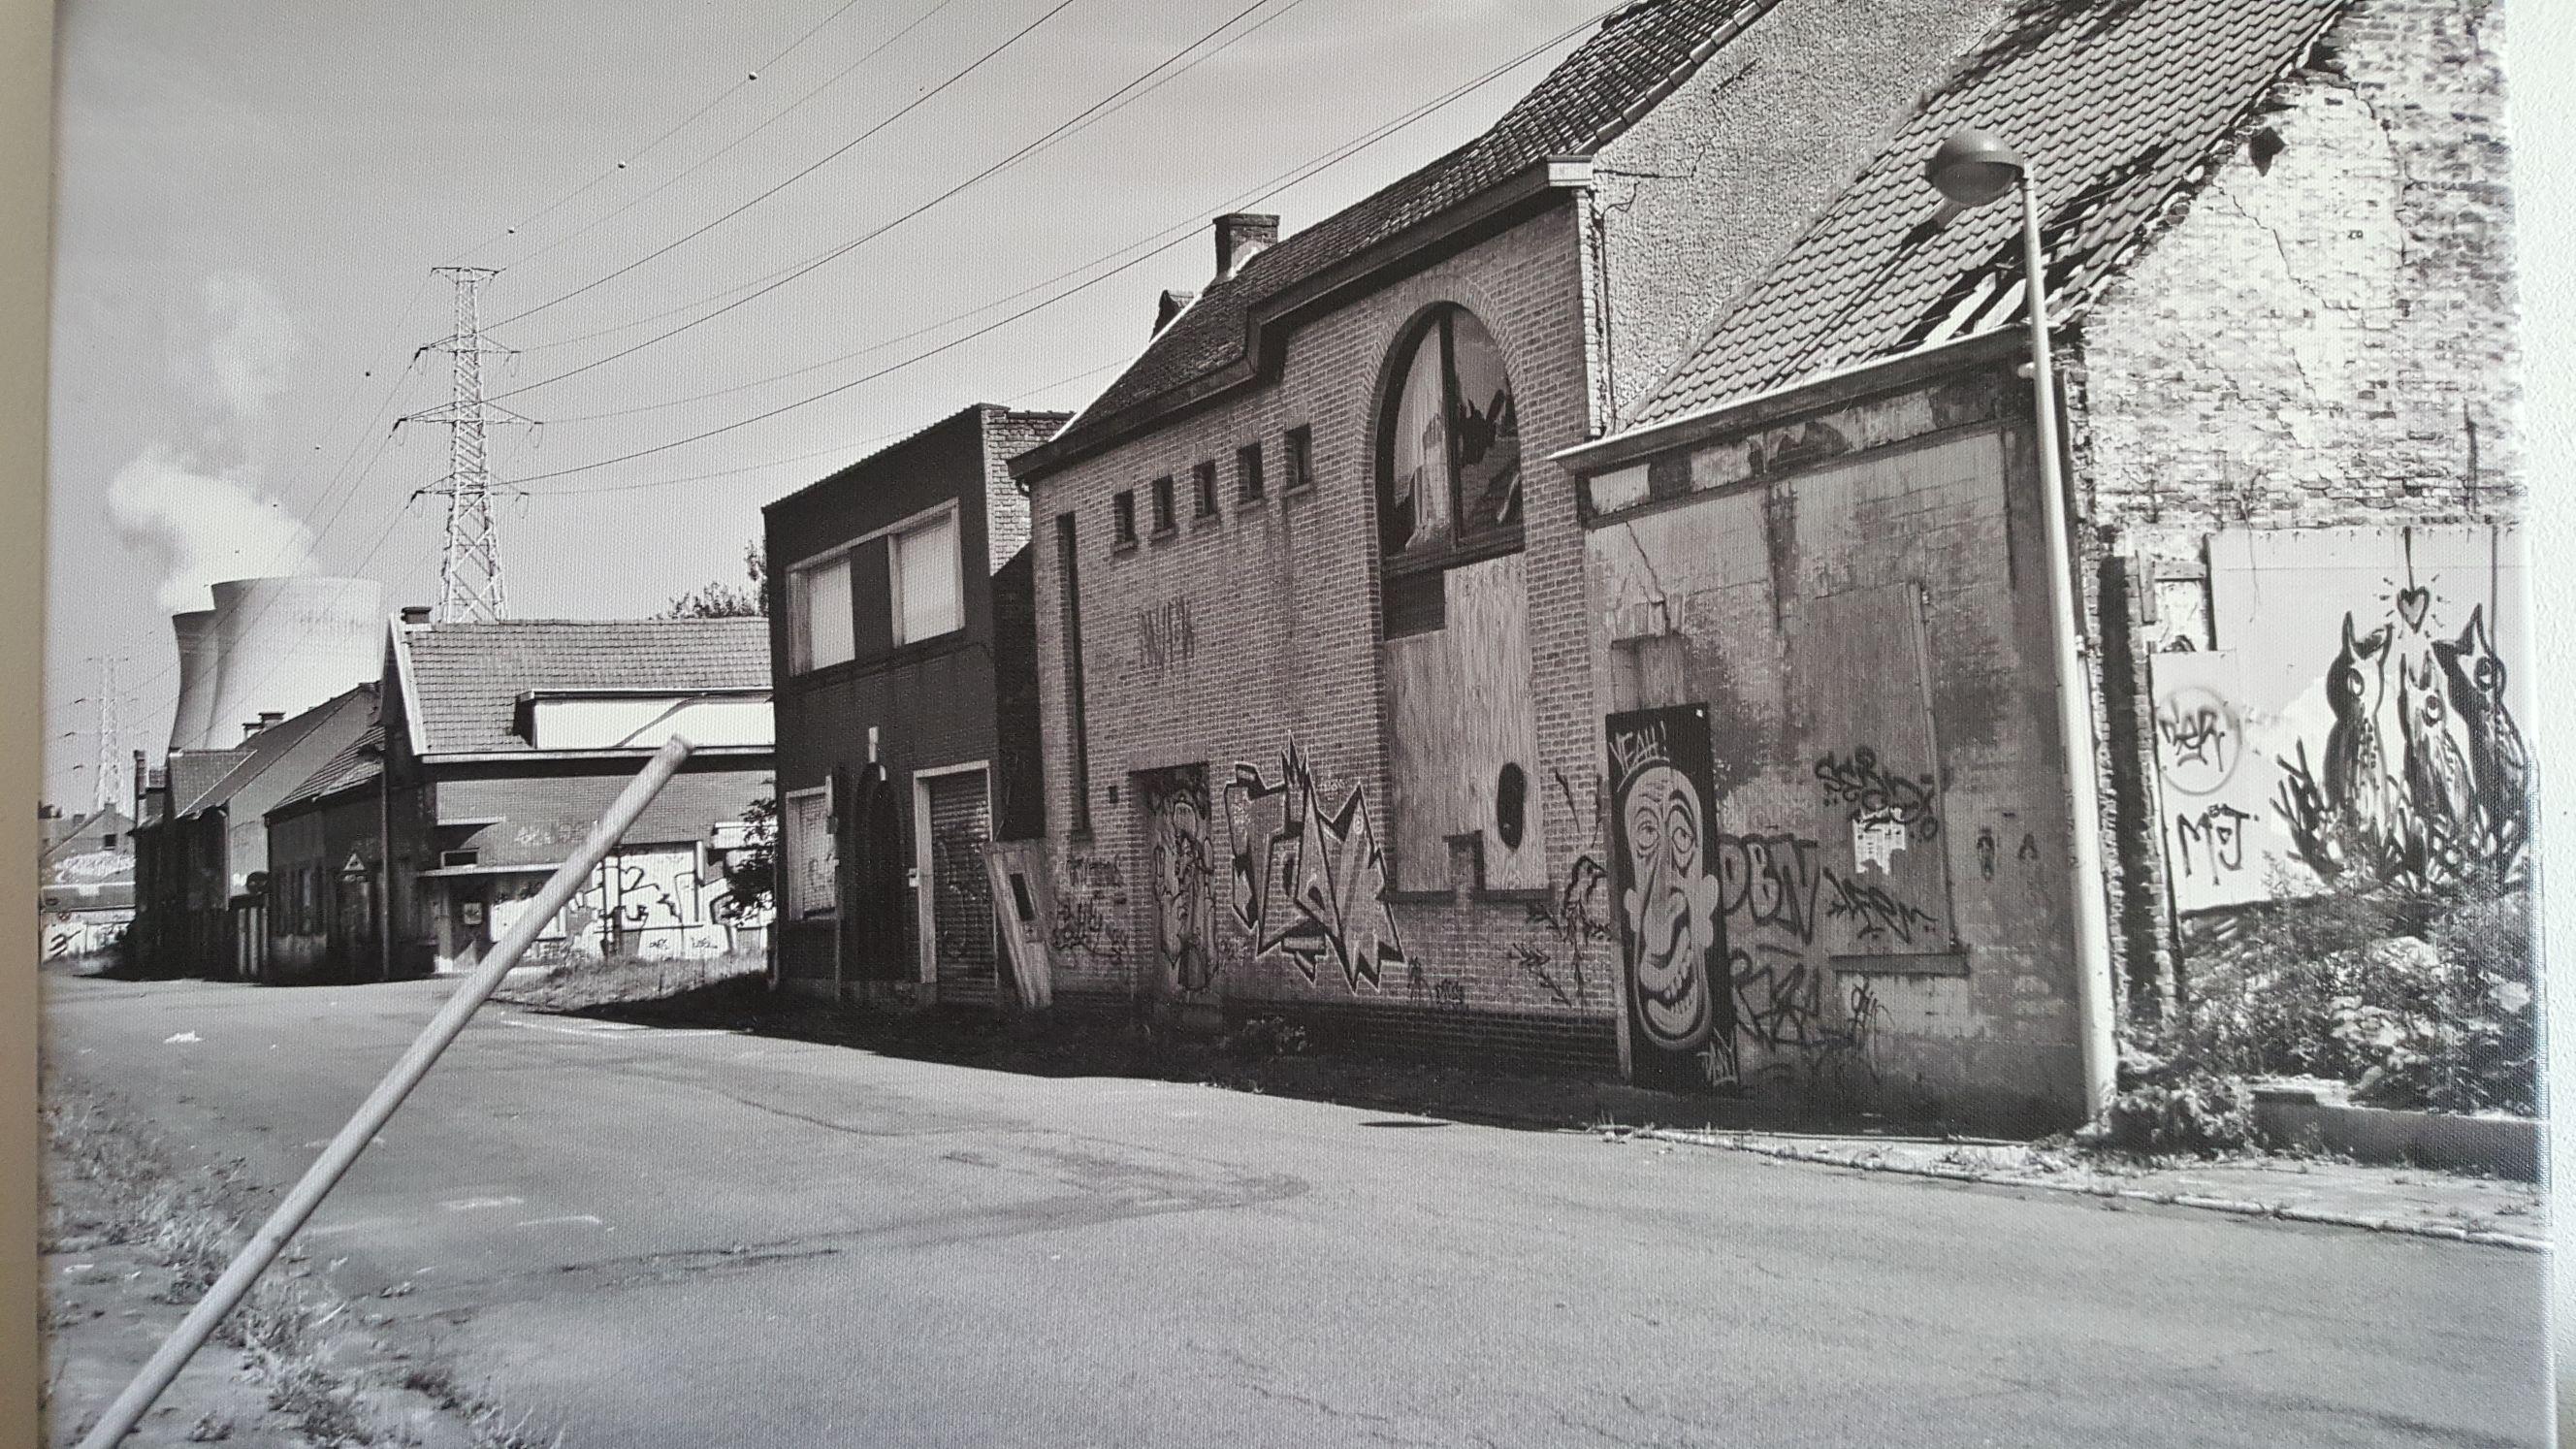 194643-4cbcG.jpg